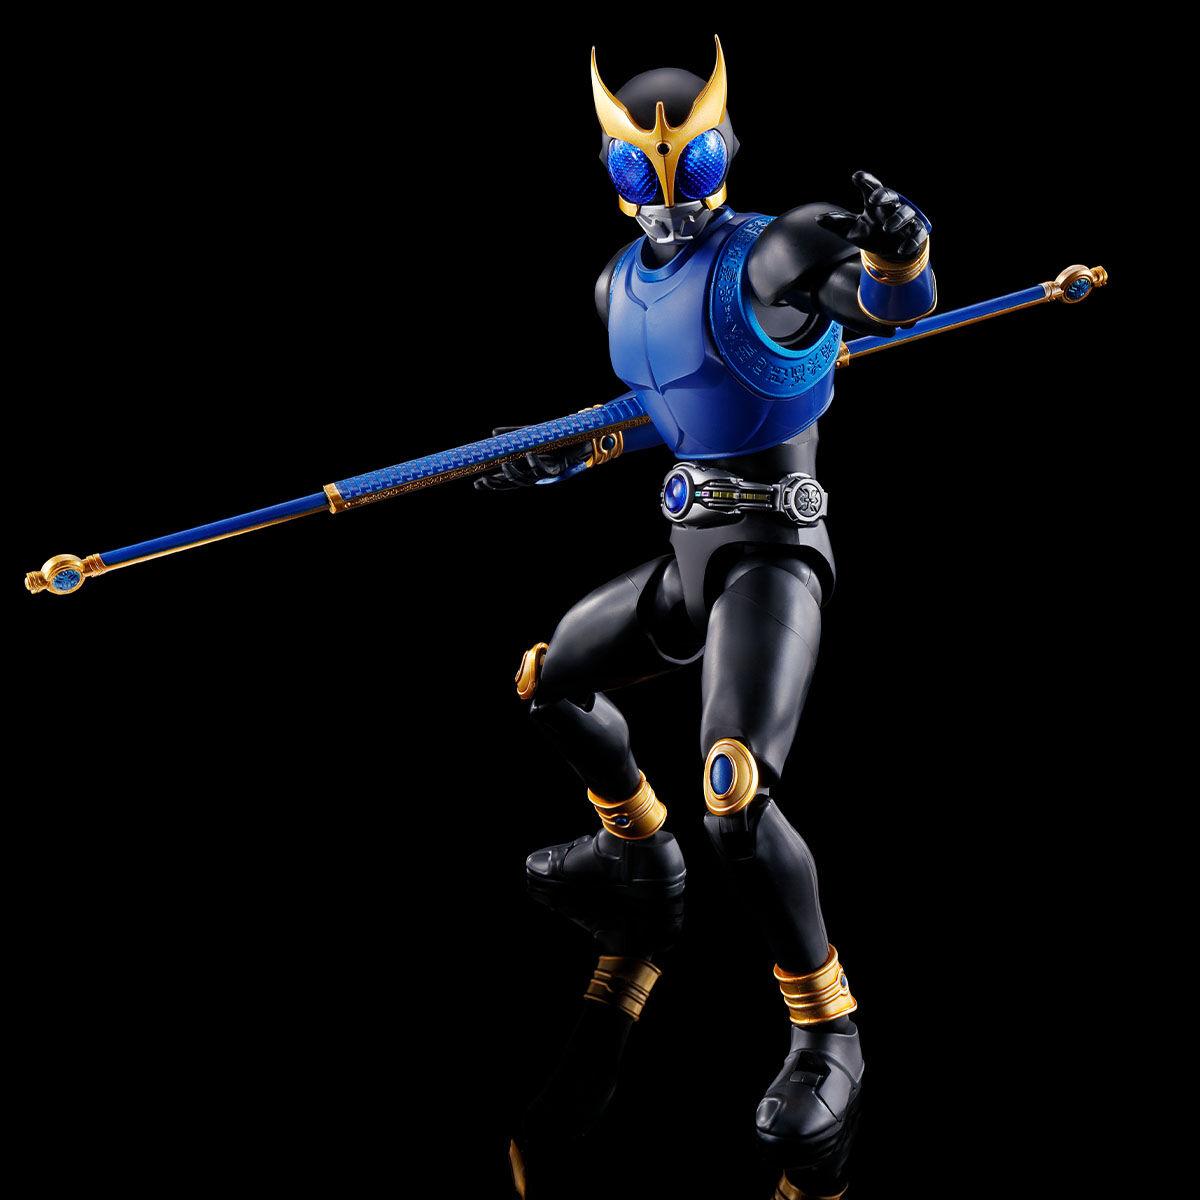 【限定販売】Figure-rise Standard『仮面ライダークウガ ドラゴンフォーム/ライジングドラゴン』プラモデル-004